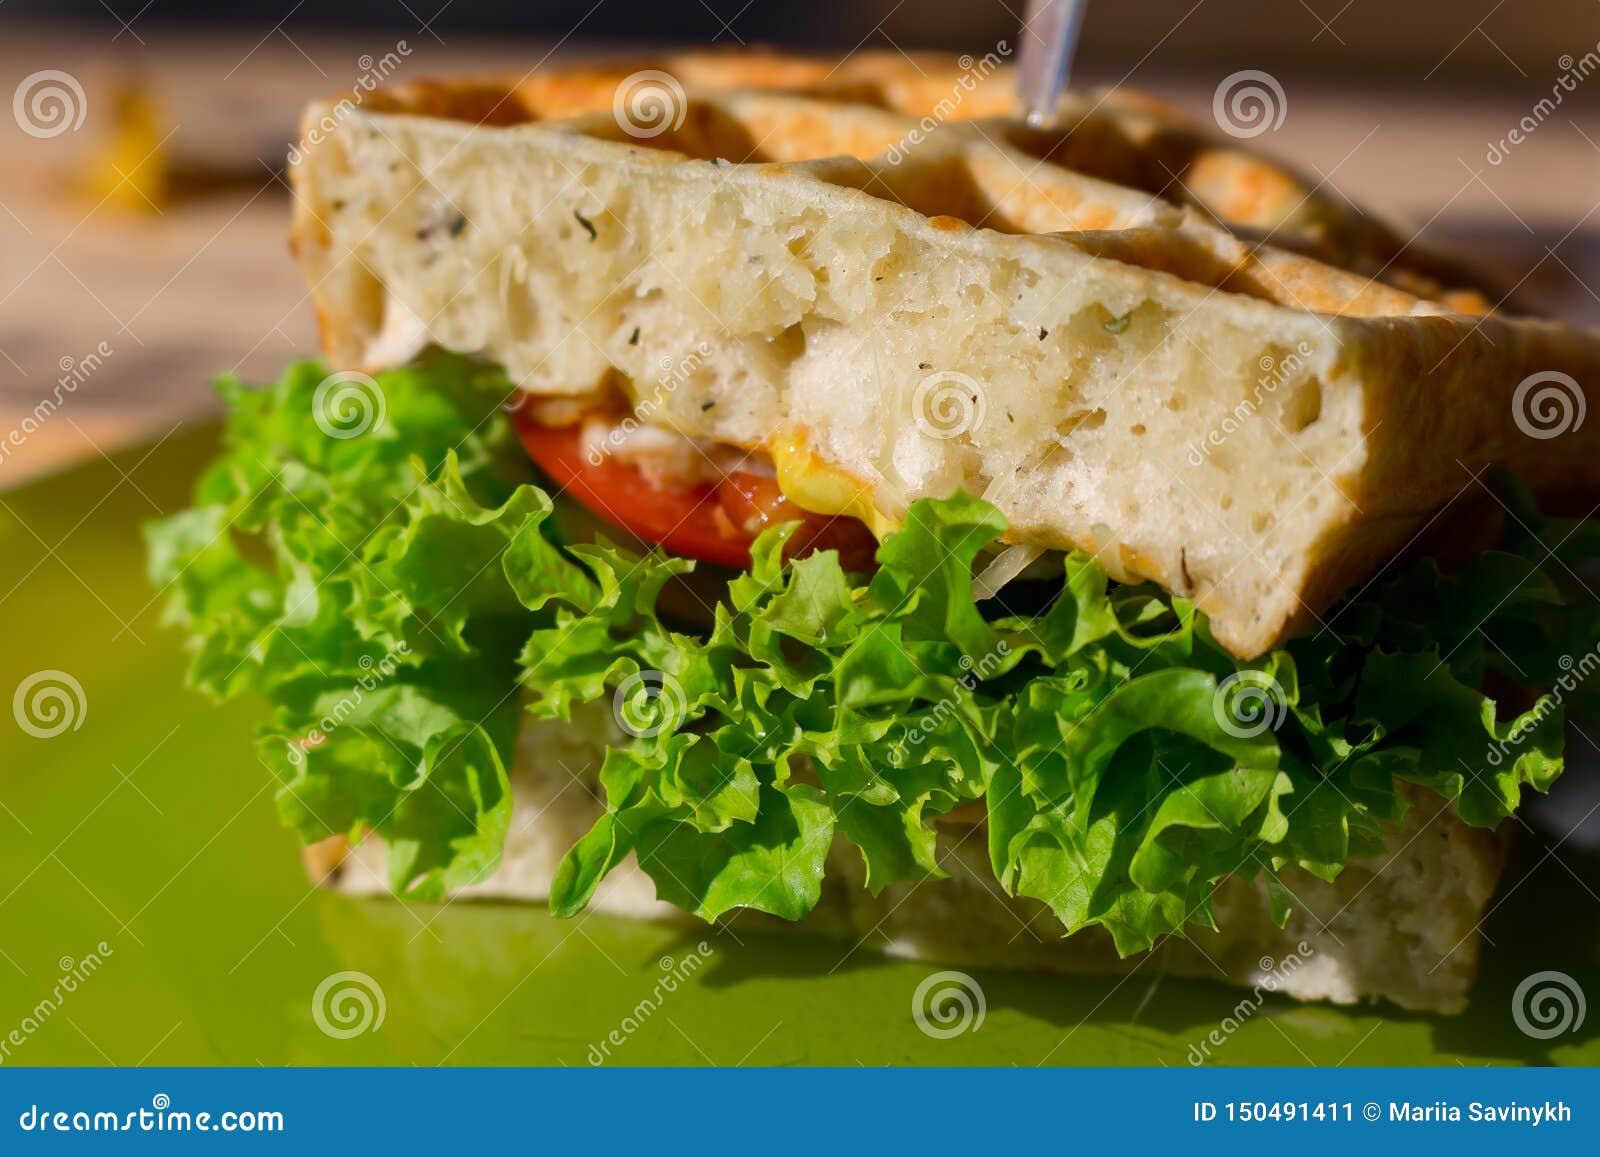 Sandwich à club savoureux avec du pain blanc de gaufre, tomate, oignon, salade du plat vert extérieur